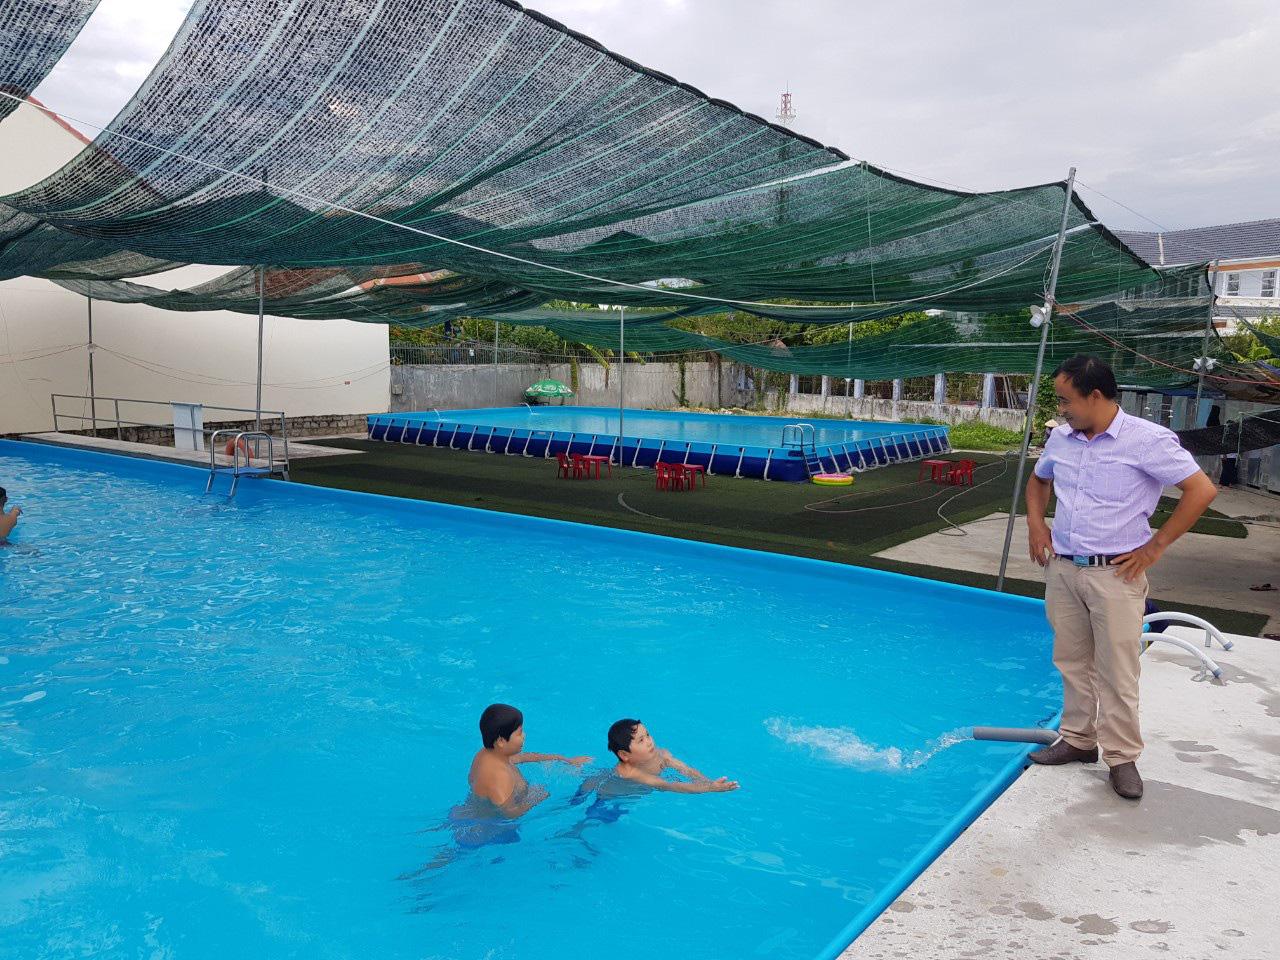 Thầy giáo đầu tư hồ bơi cho học sinh vùng ven học bơi dịp hè - Ảnh 1.